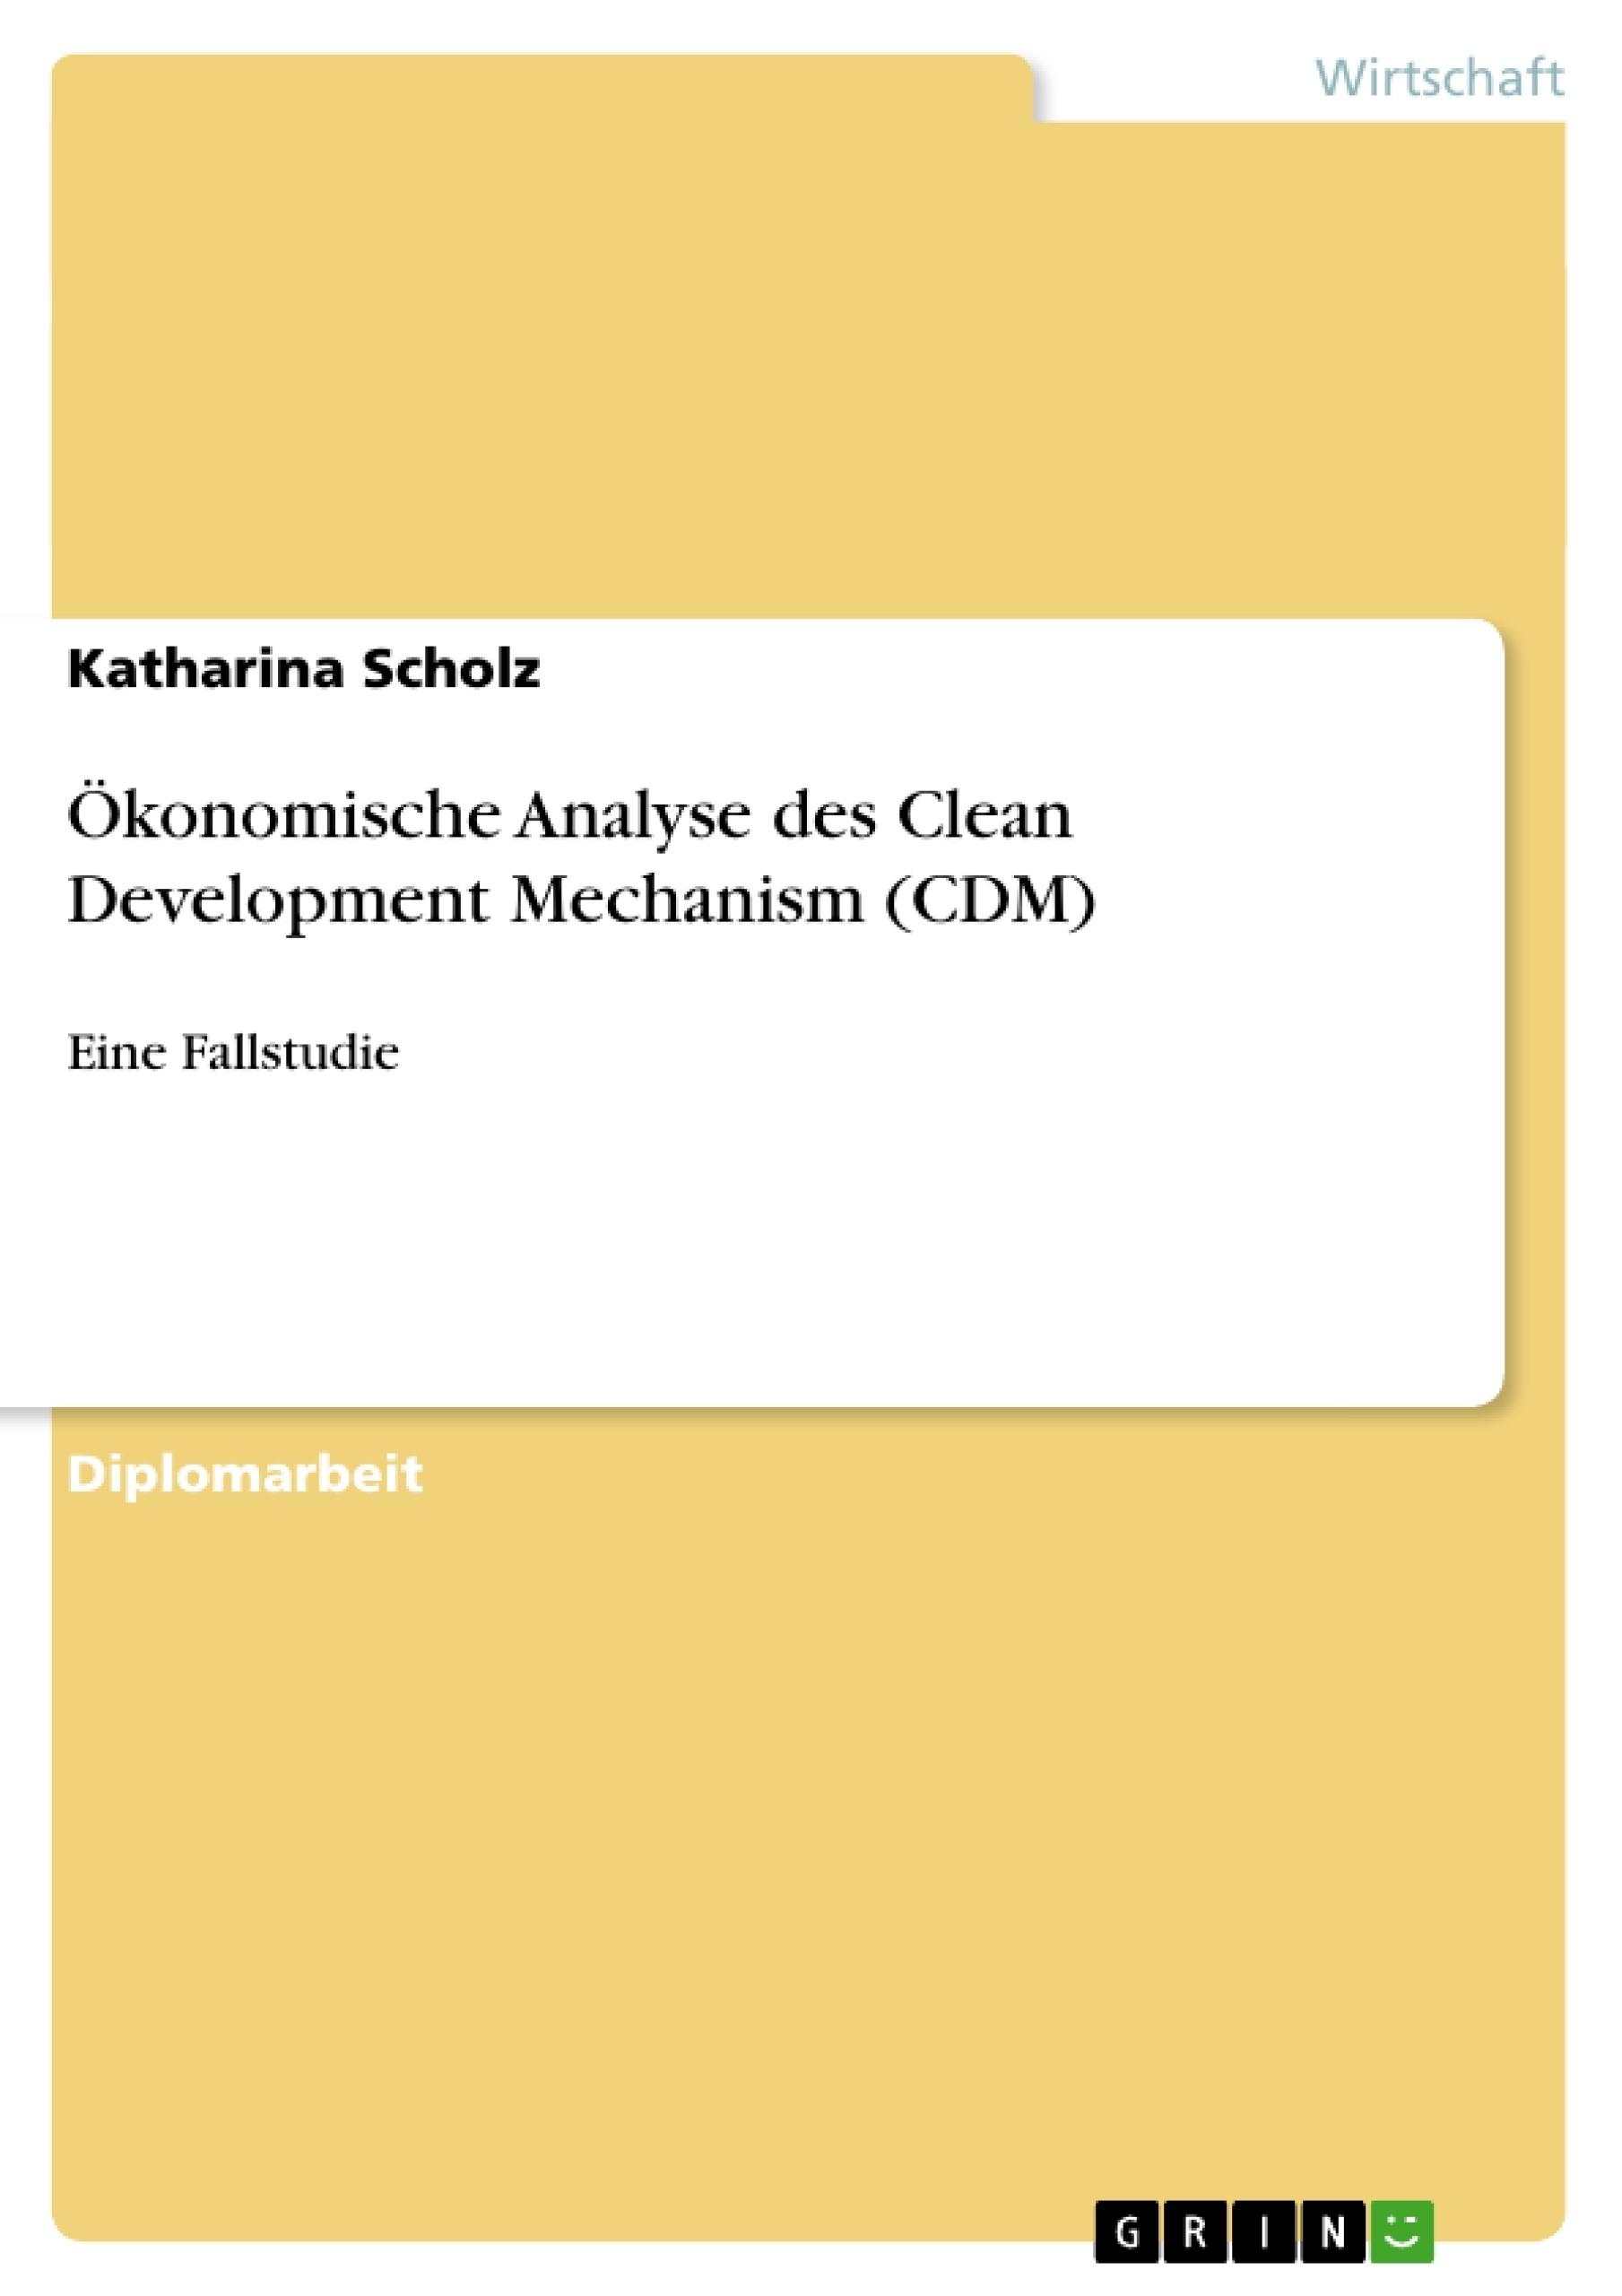 Titel: Ökonomische Analyse des Clean Development Mechanism (CDM)